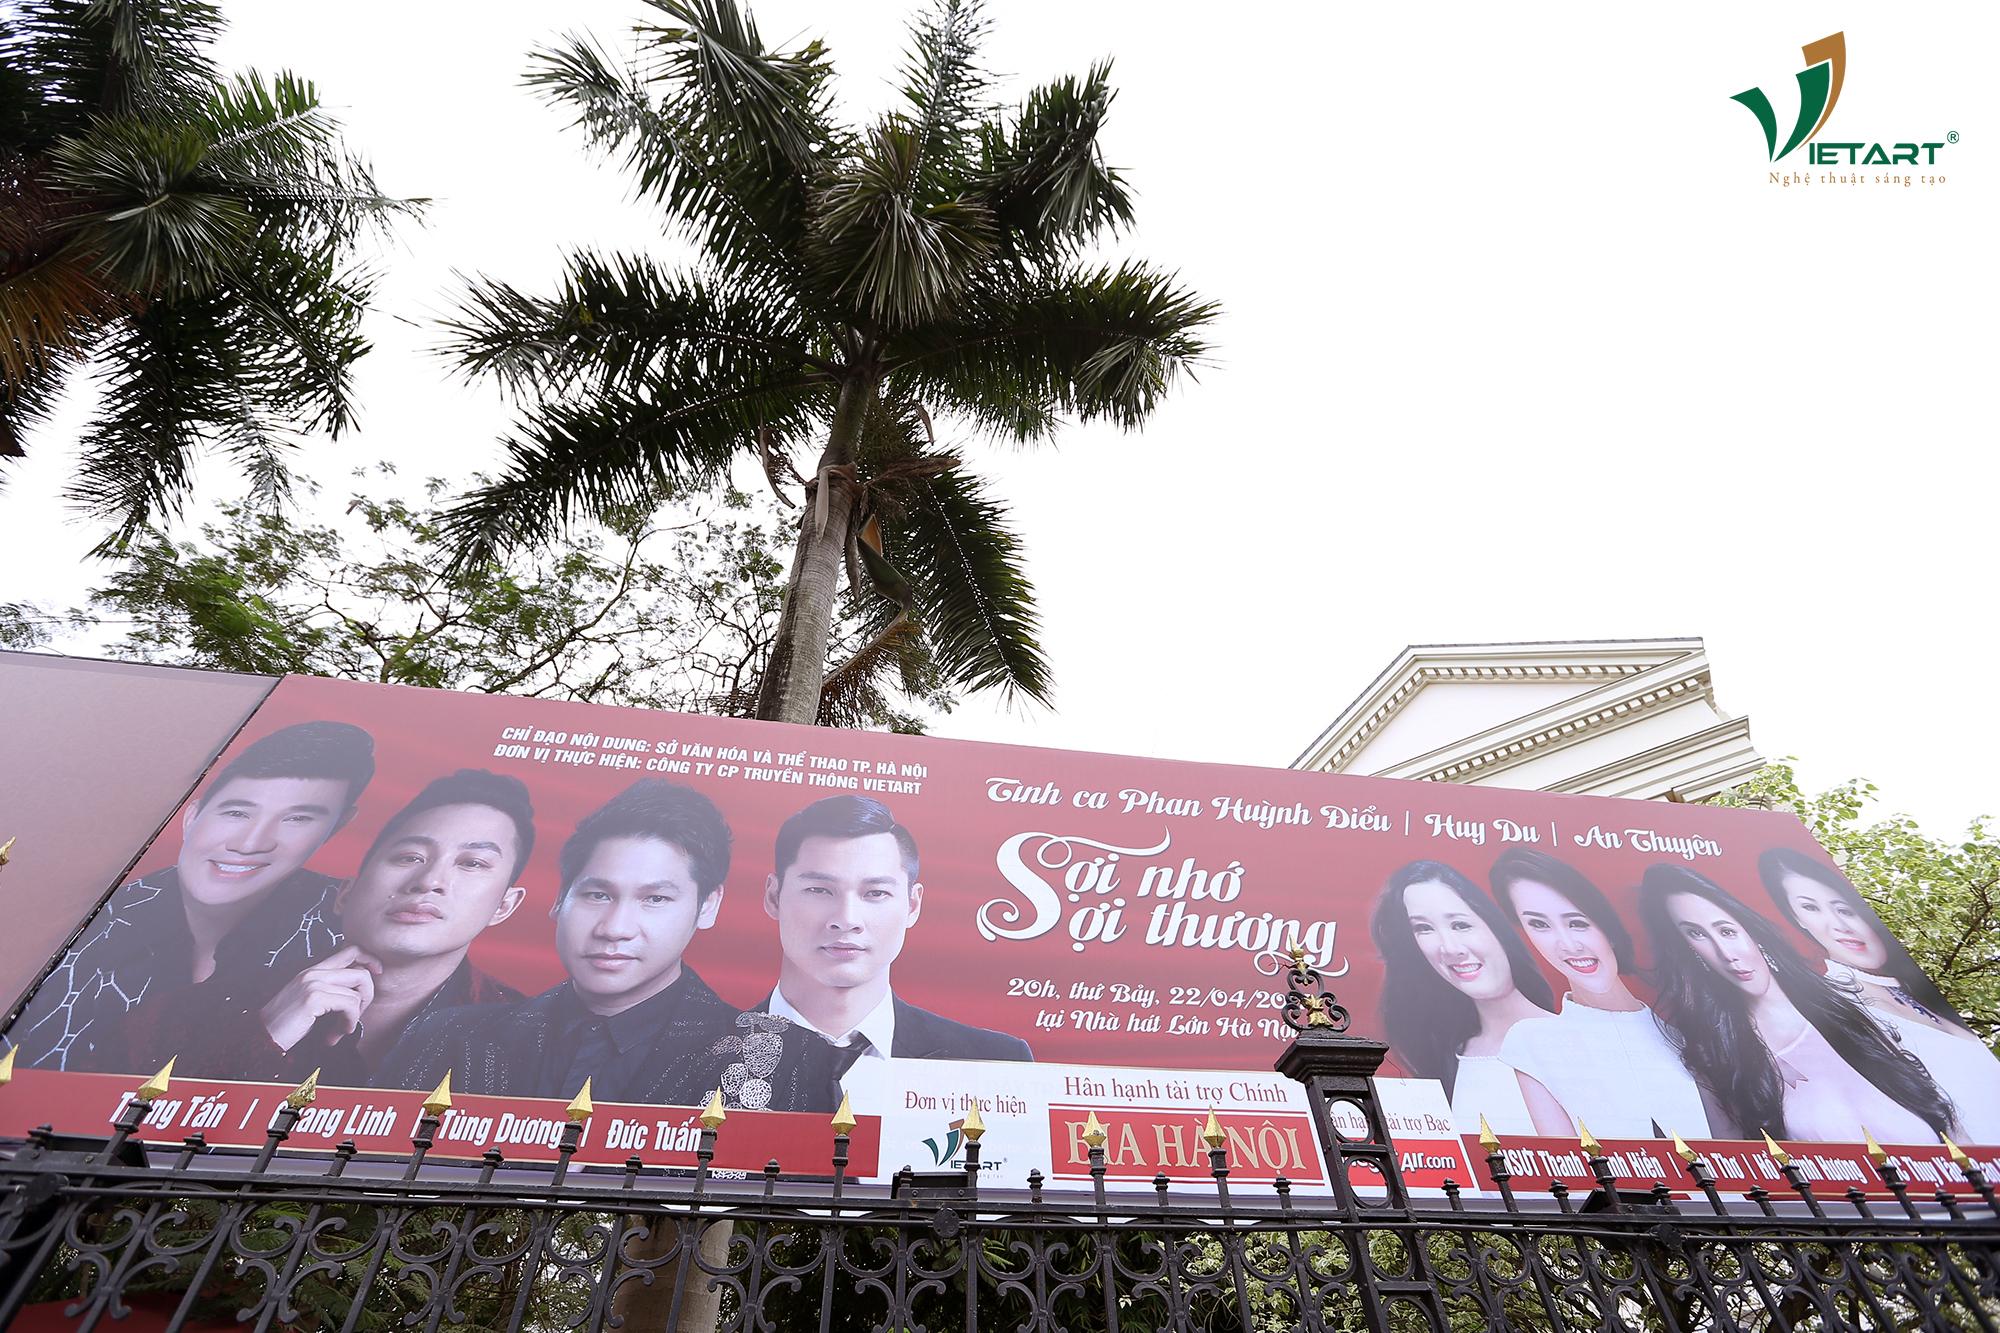 """Banner chương trình """"Sợi Nhớ Sợi Thương"""" nổi bật tại Nhà hát Lớn"""